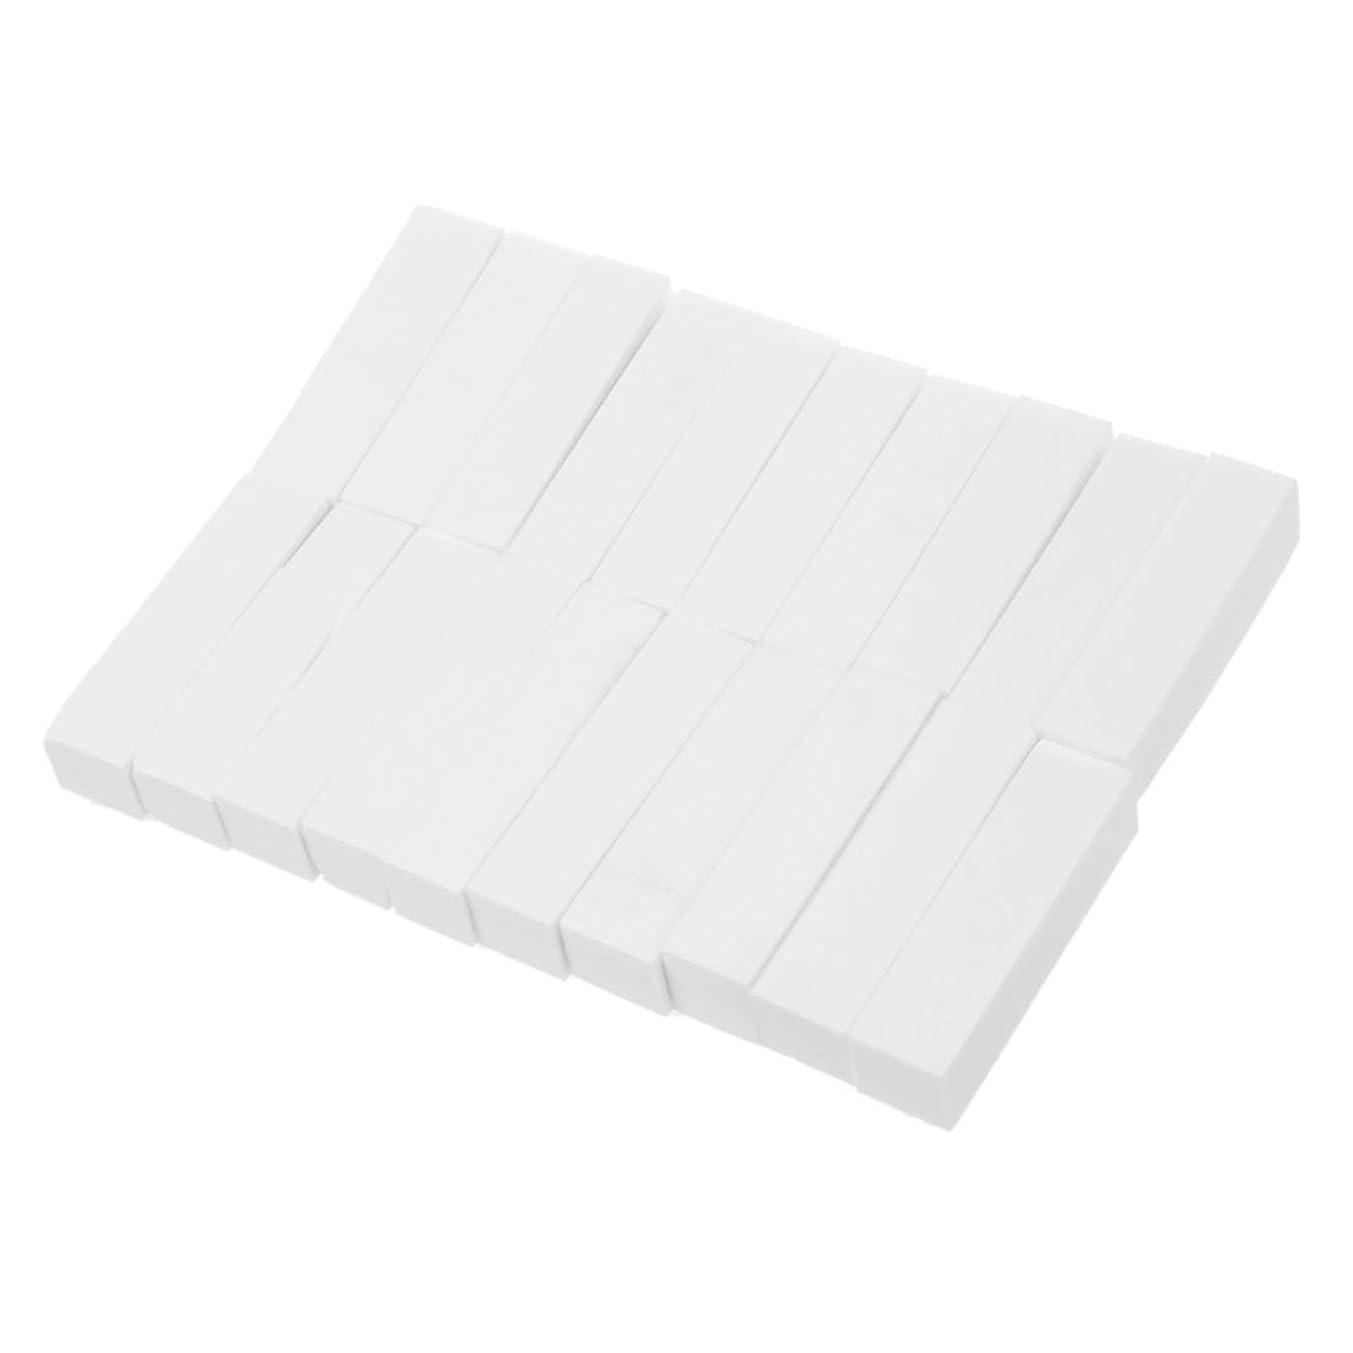 おびえたライセンス貨物SODIAL(R) 20個 ホワイトバッファーバフサンディングファイル ブロックペディキュアマニキュア ネイルアートケアクリスマスギフト